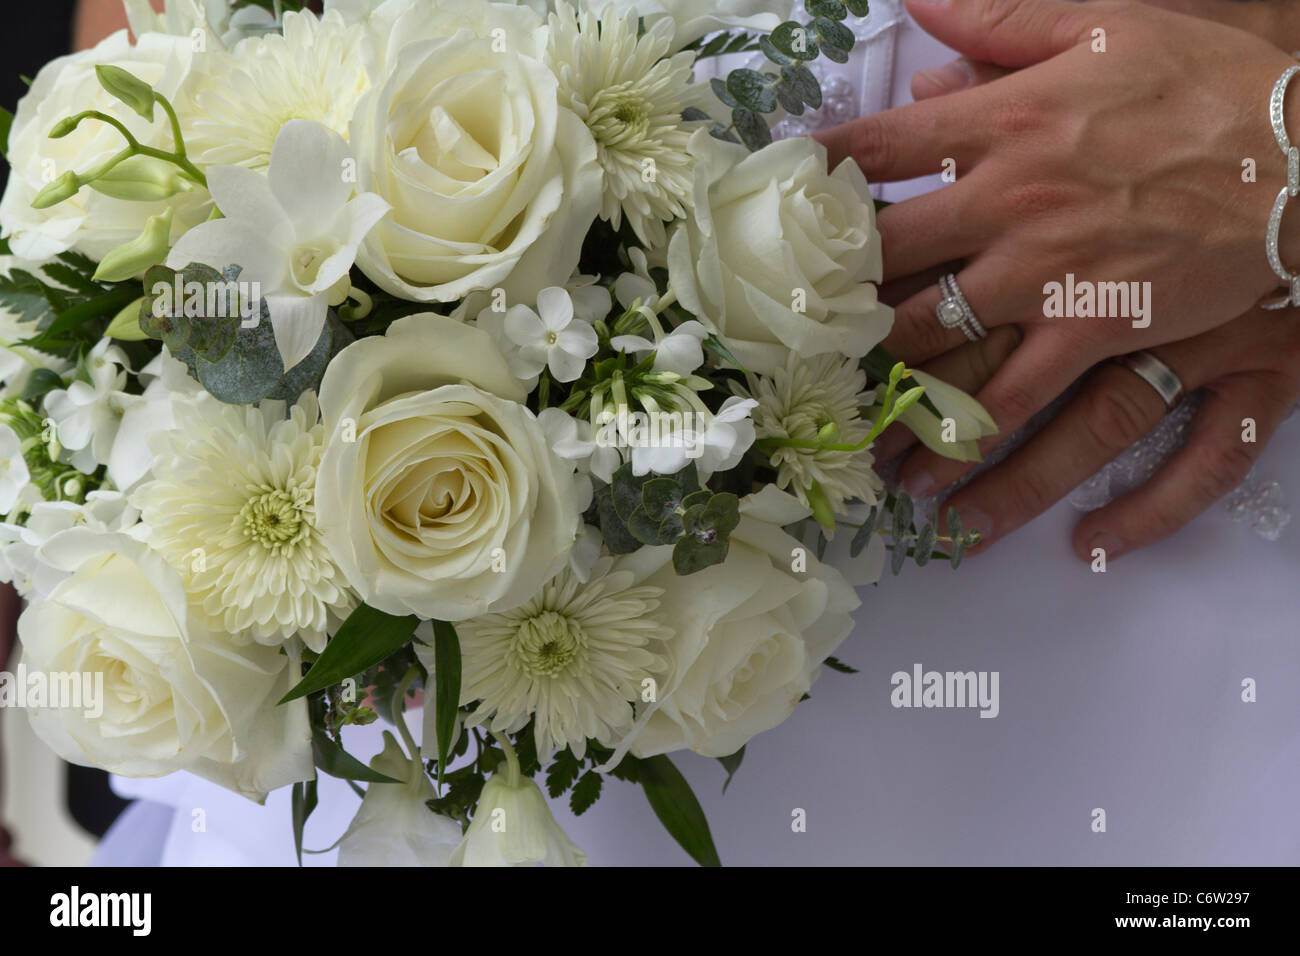 Hochzeit Brautpaar Braut Mit Brautigam Bouquet Von Weissen Blumen Und